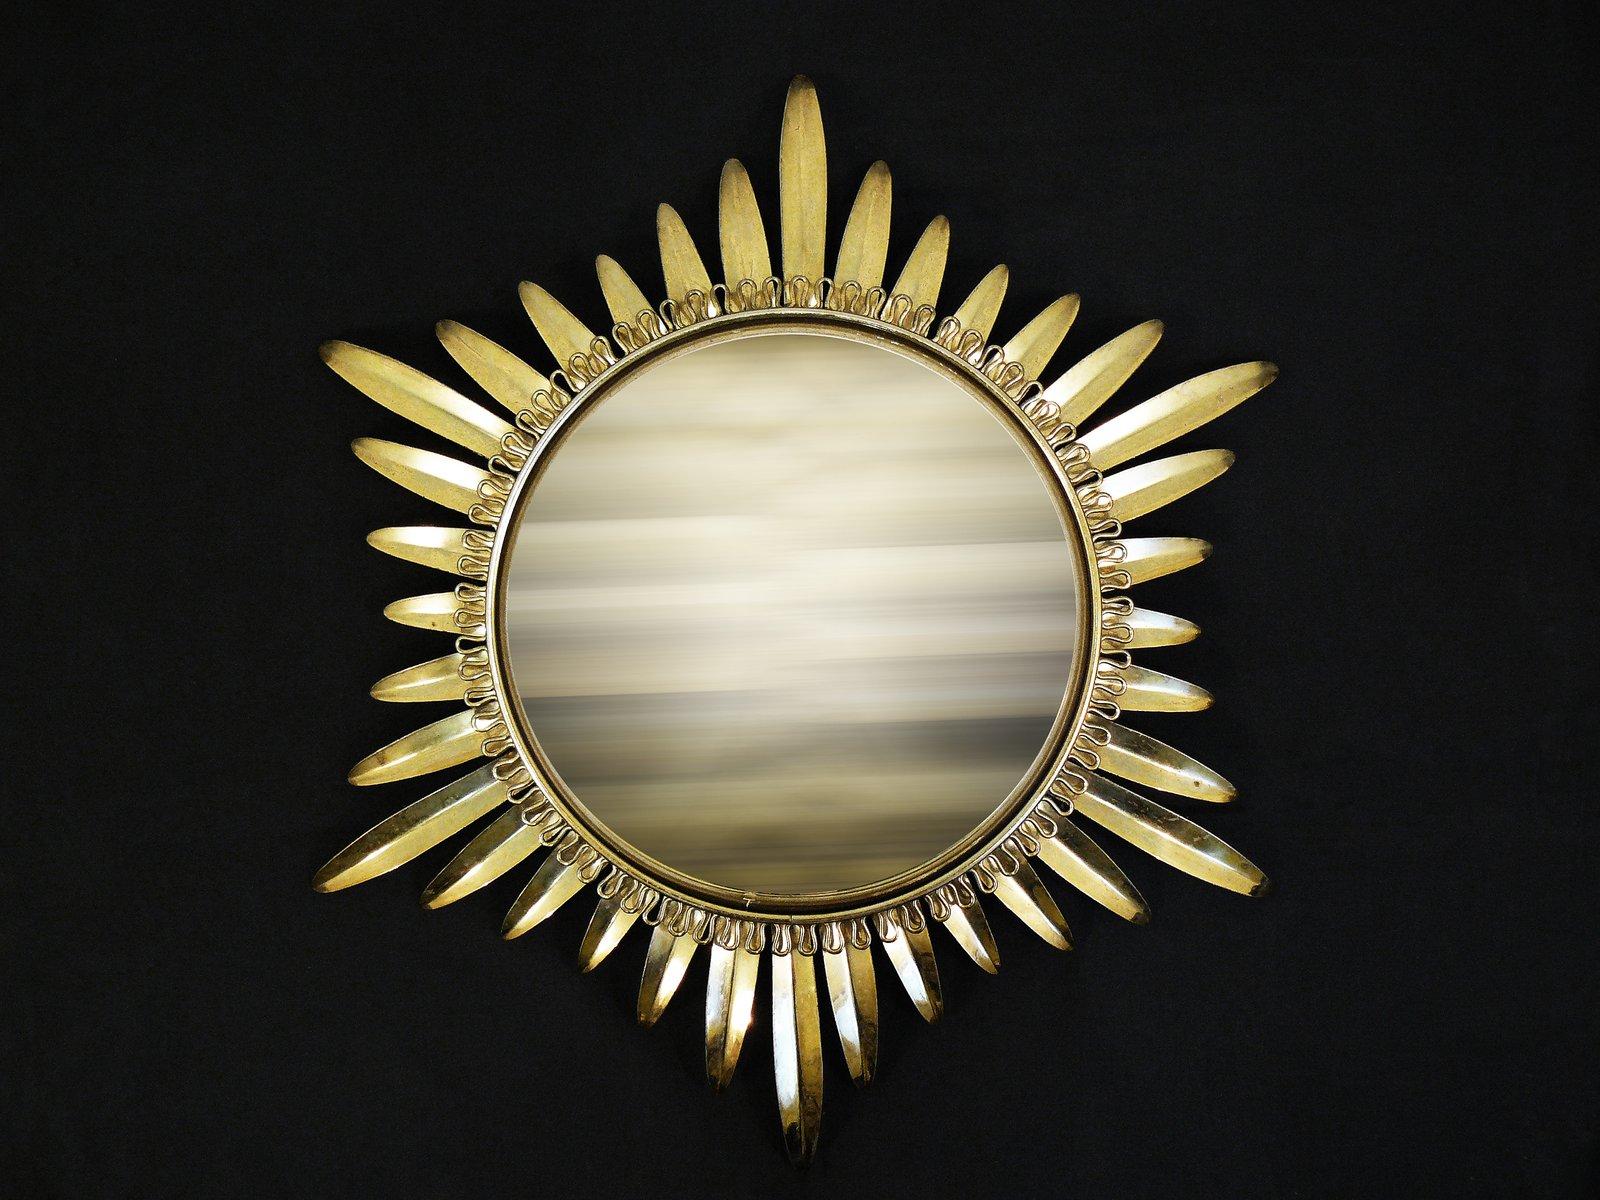 Specchio convesso a forma di sole francia anni 39 50 in vendita su pamono - Specchio a forma di sole ...